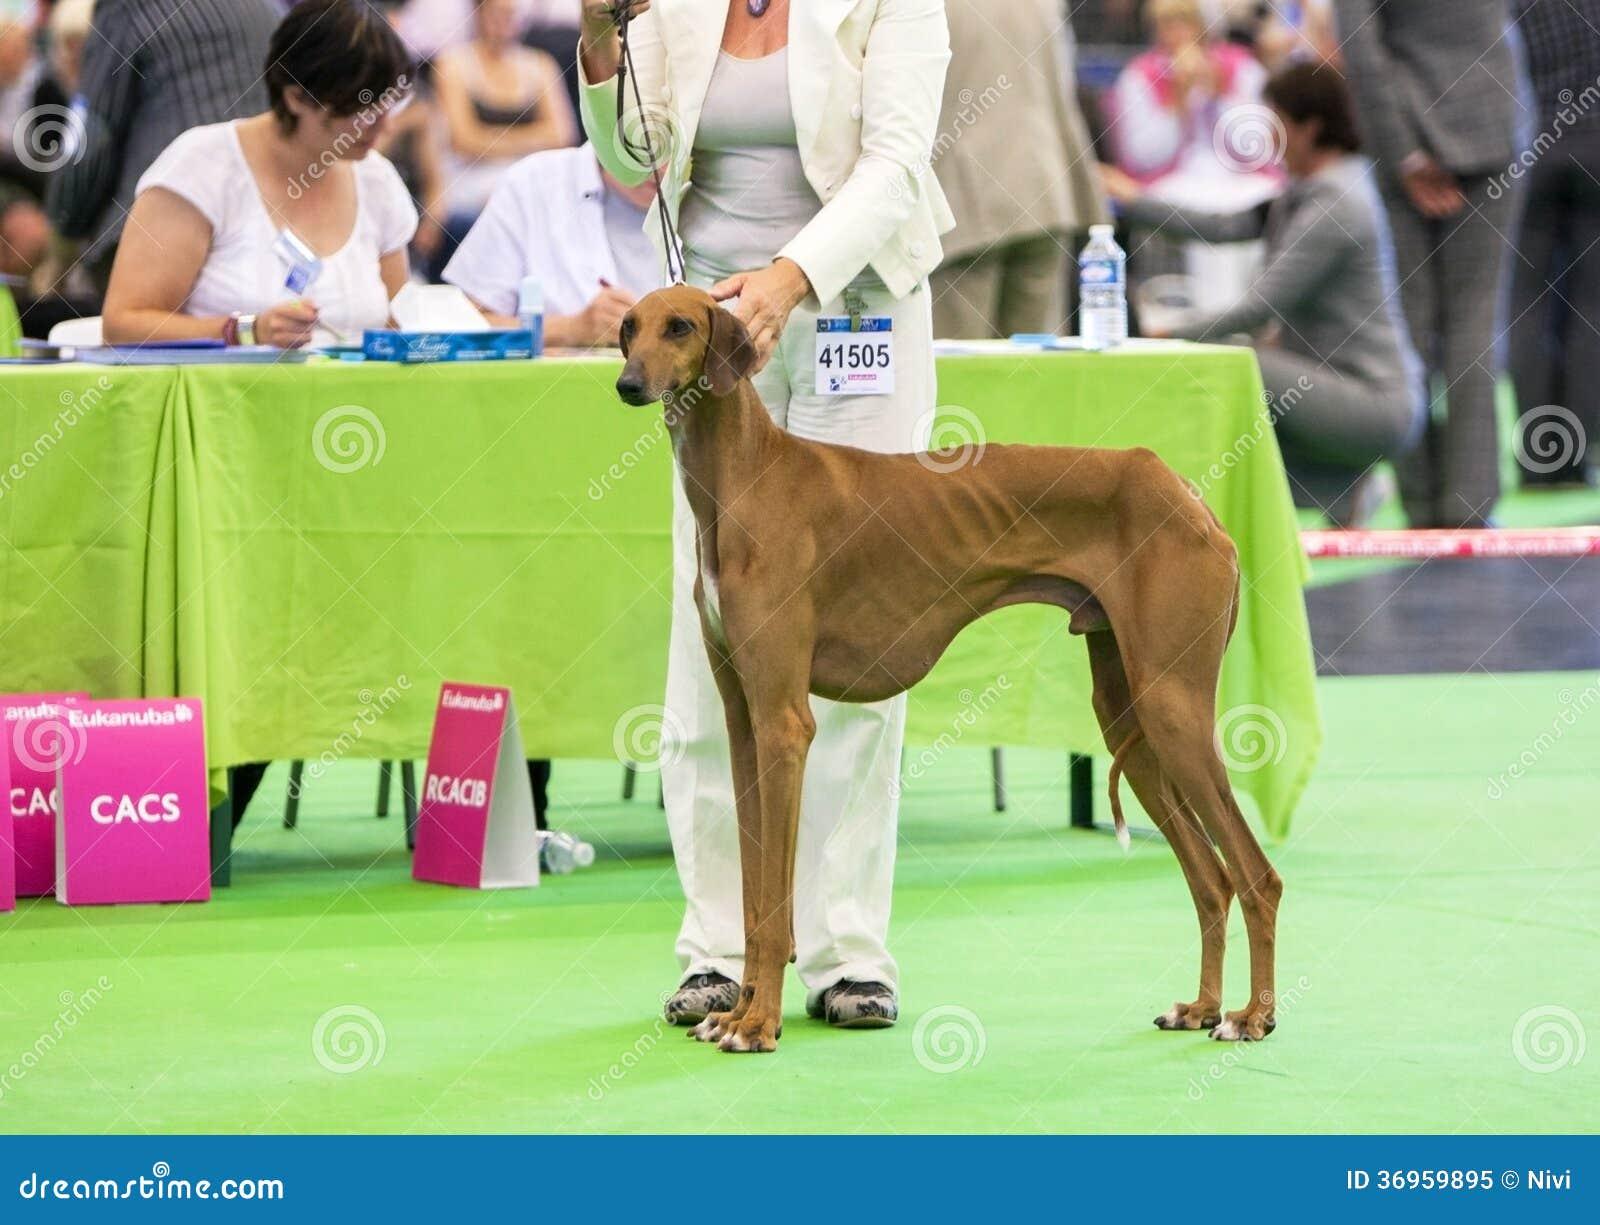 Azawakh Hound at dog show.